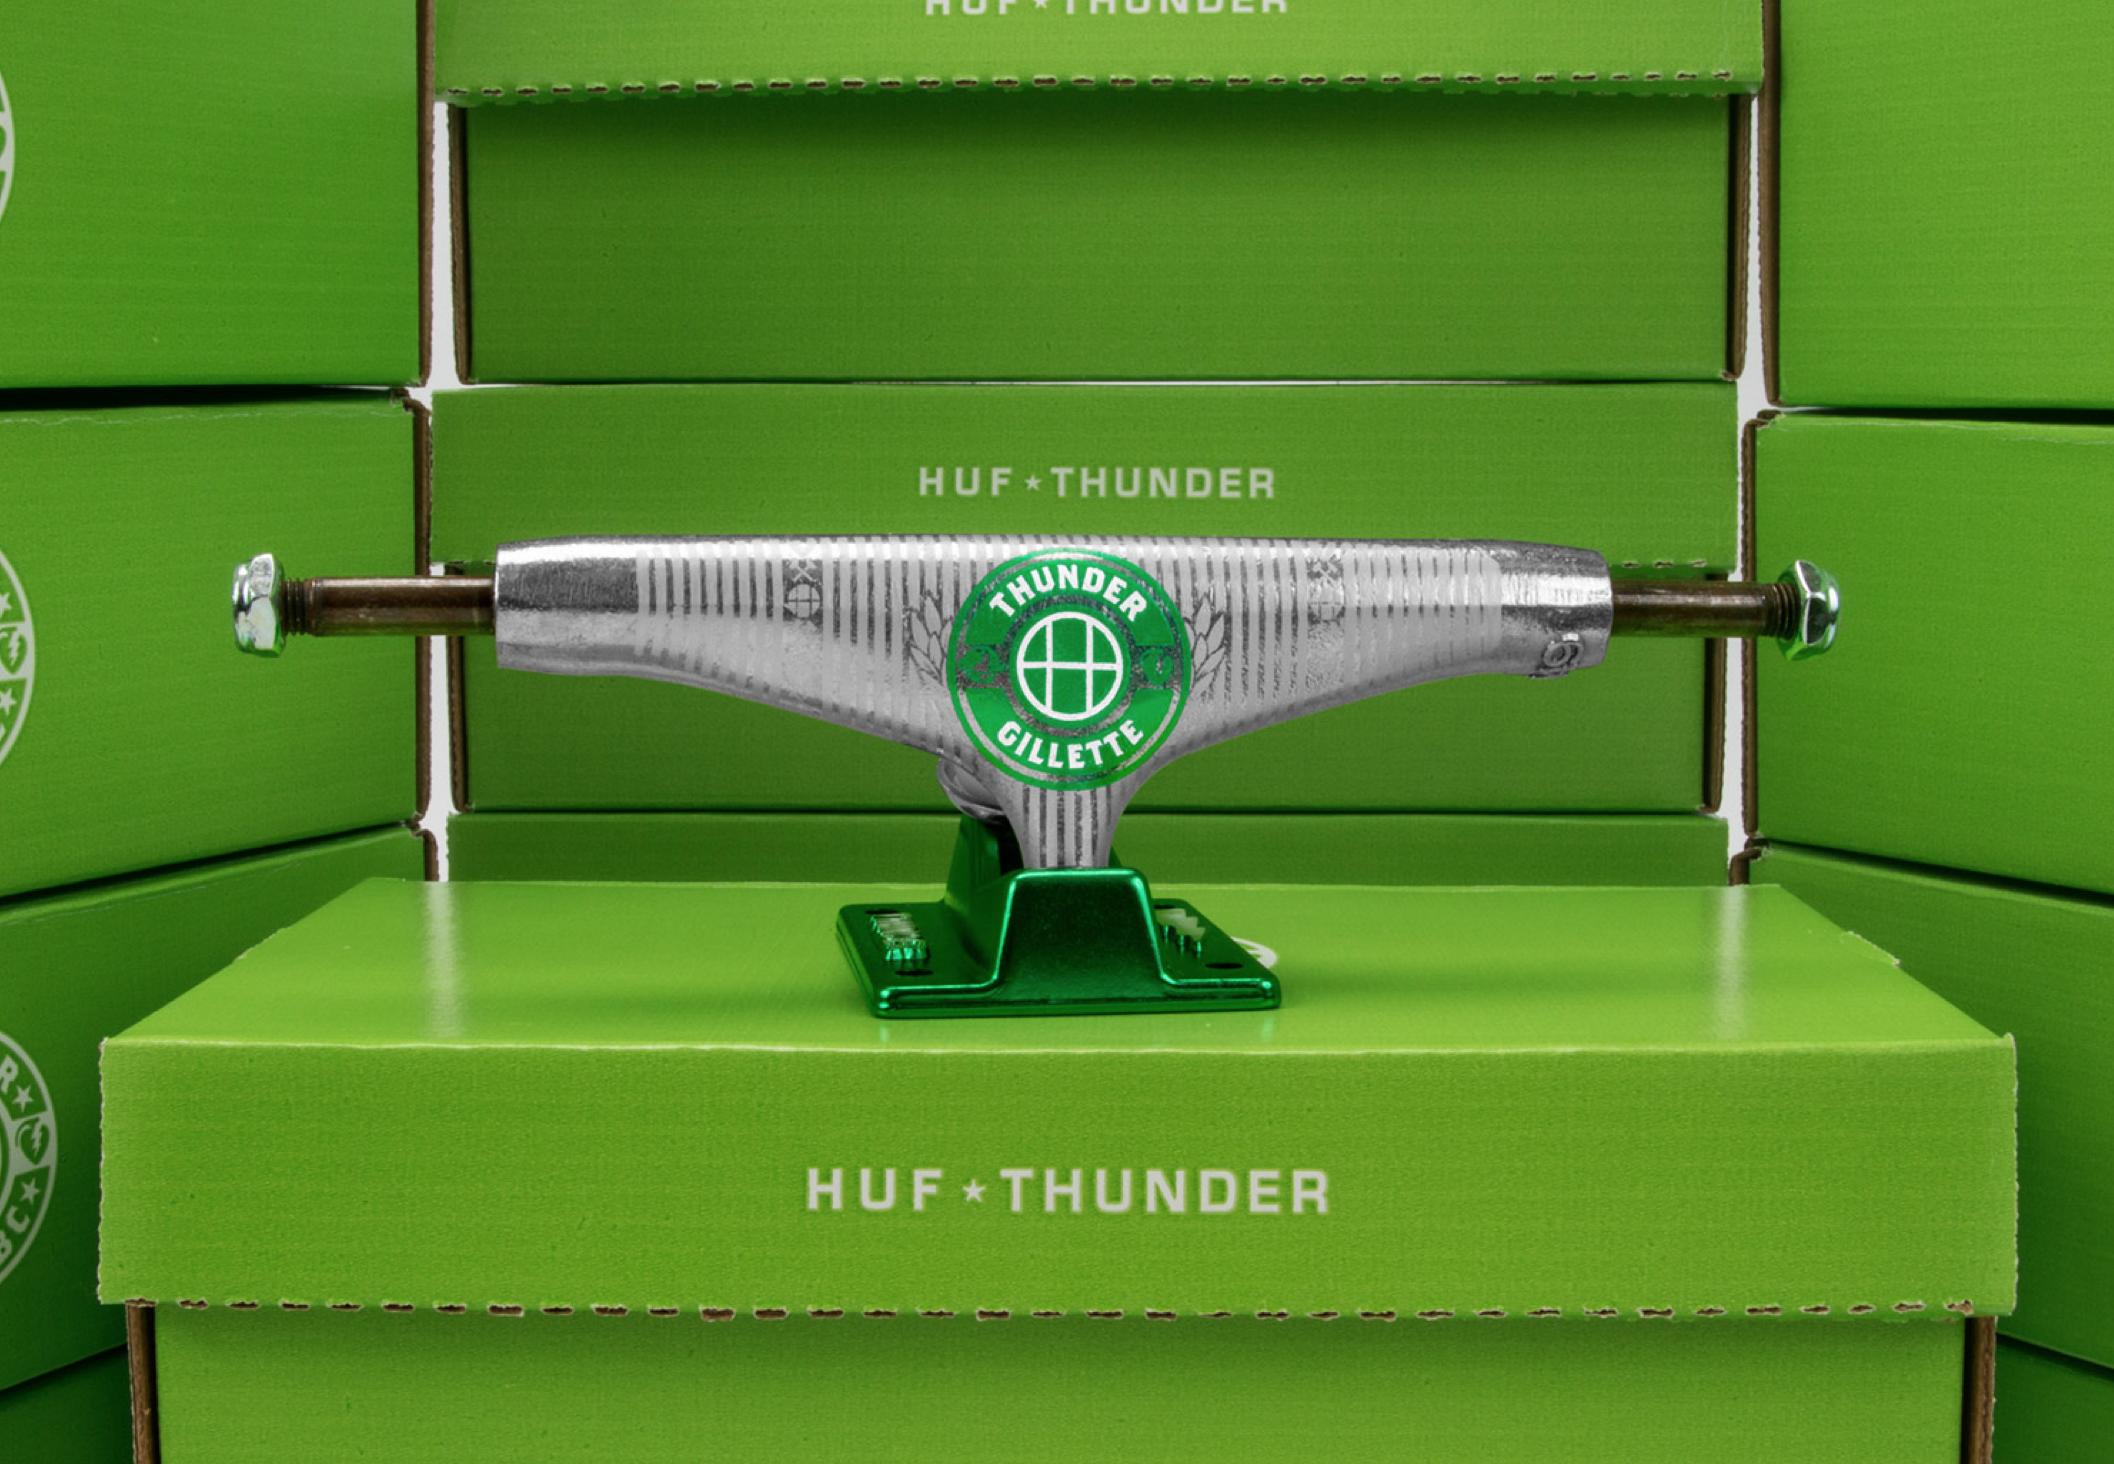 thunder_gilette